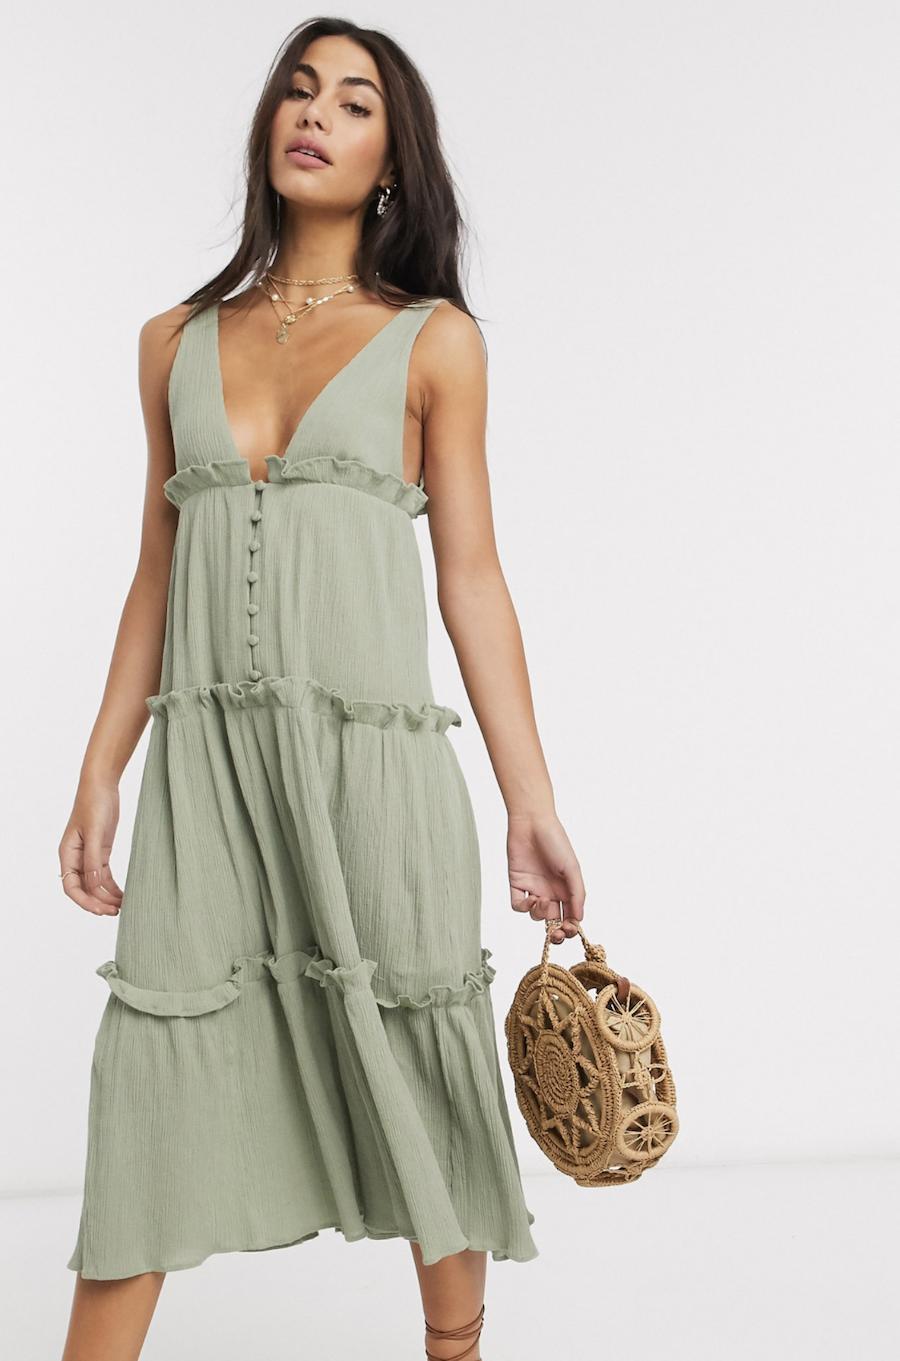 Vestido veraniego midi con parte delantera abotonada en un diseño arrugado texturizado caqui de ASOS DESIGN